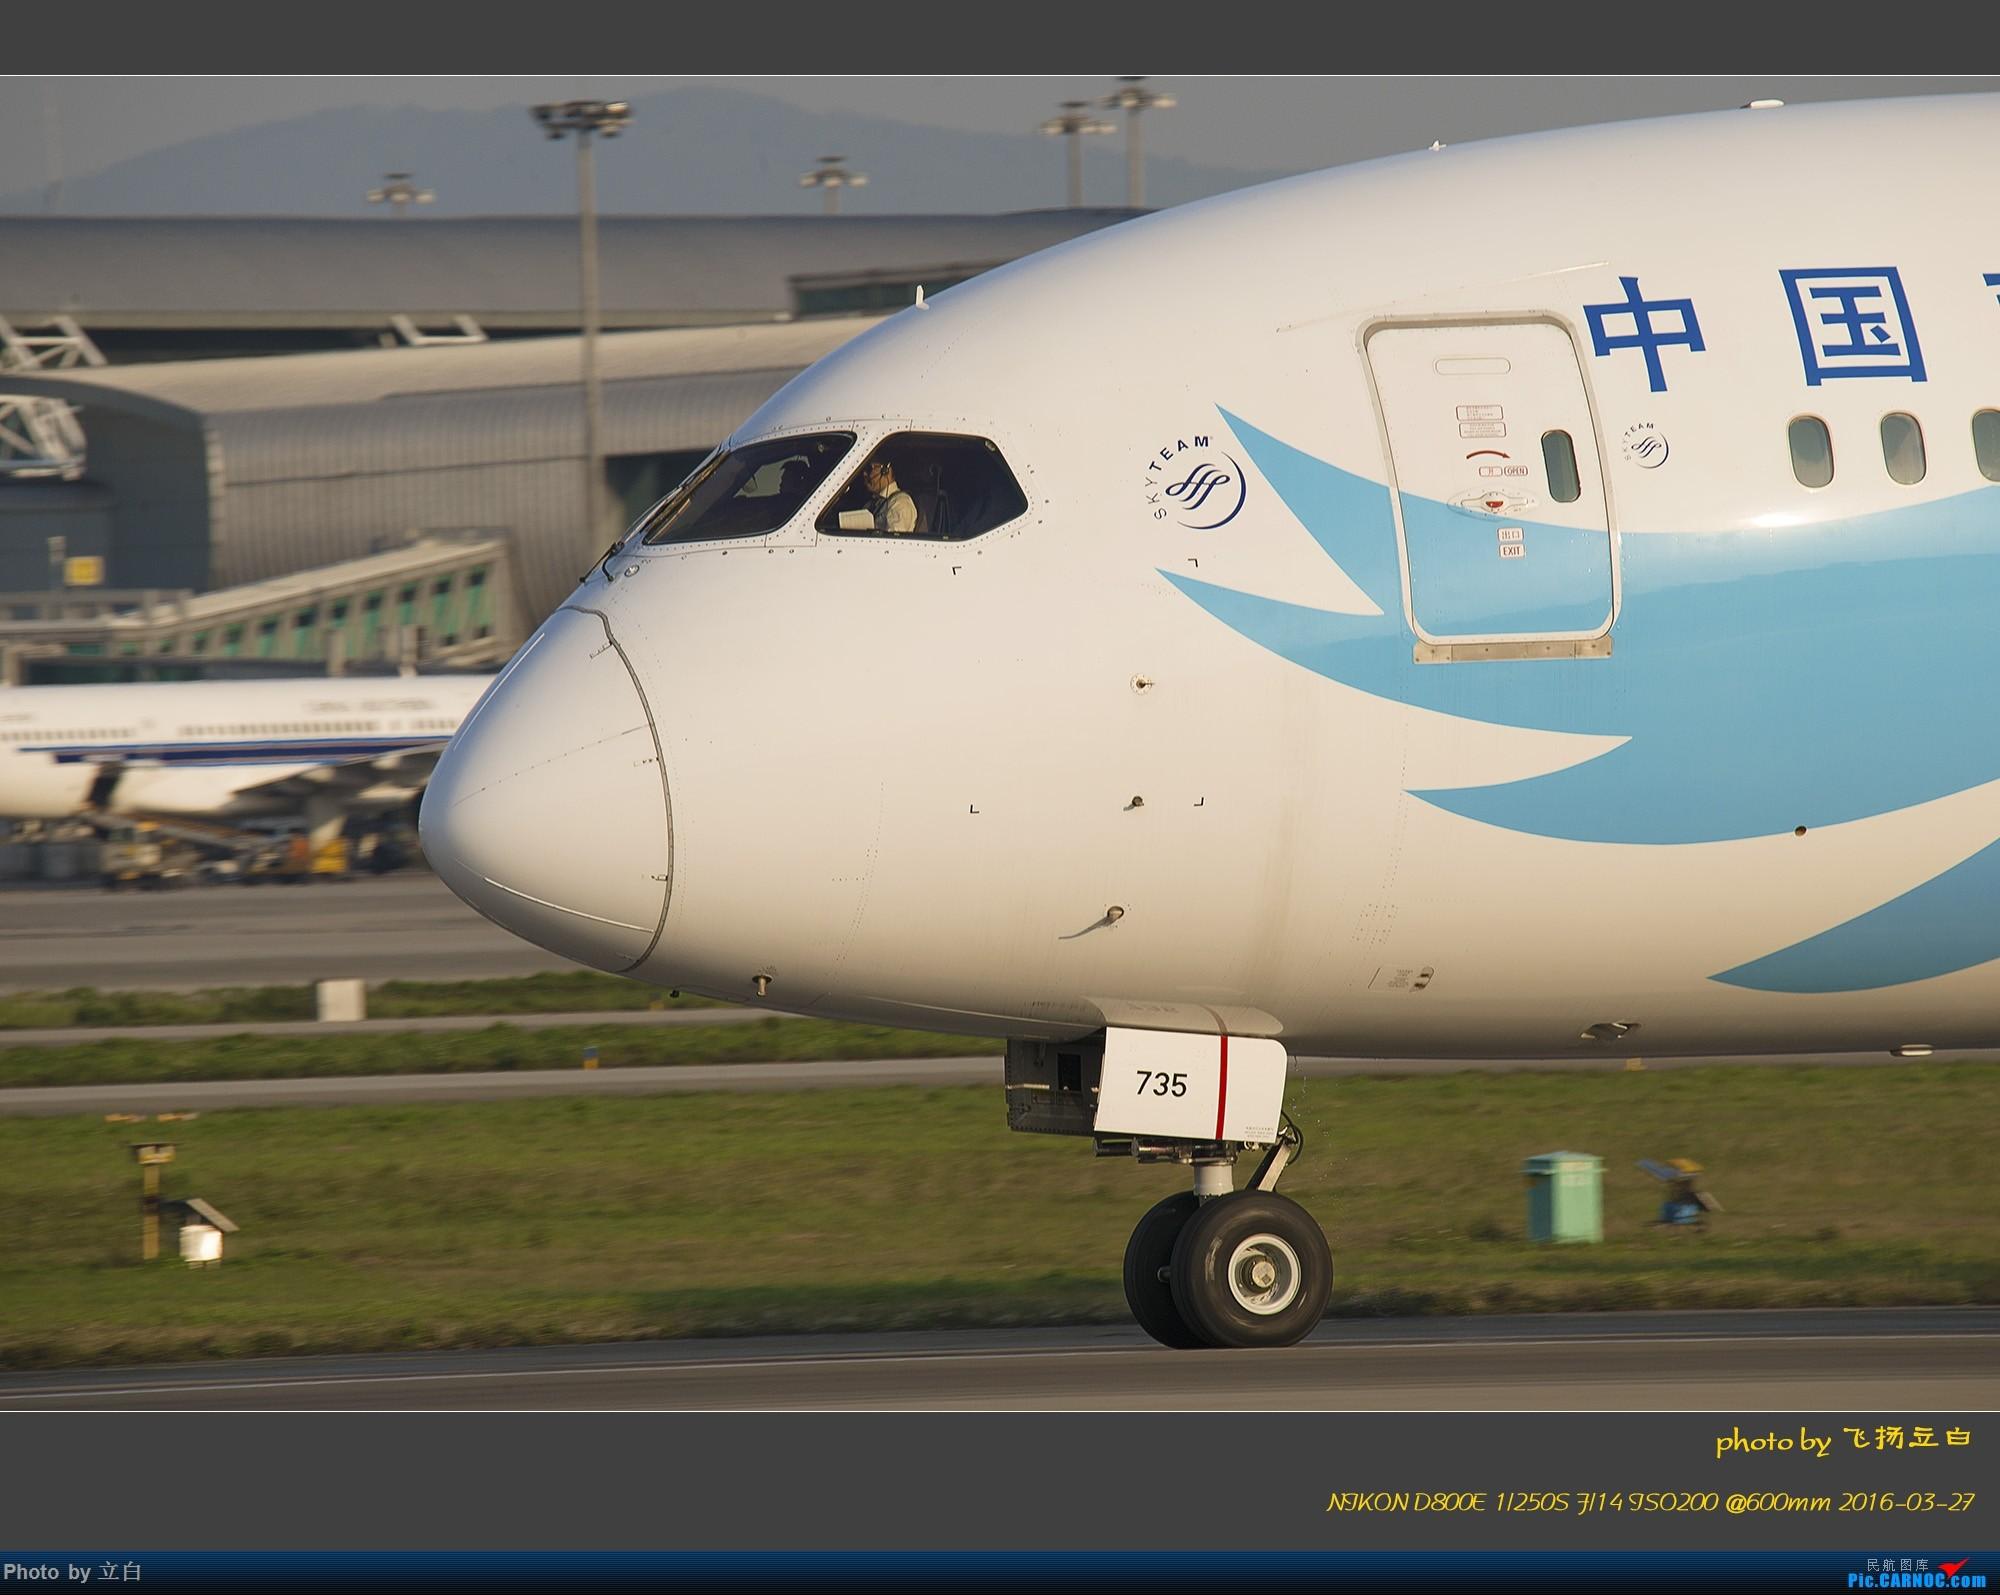 麻烦按照大小给波音787-8,空客a350-800,a330-200排个